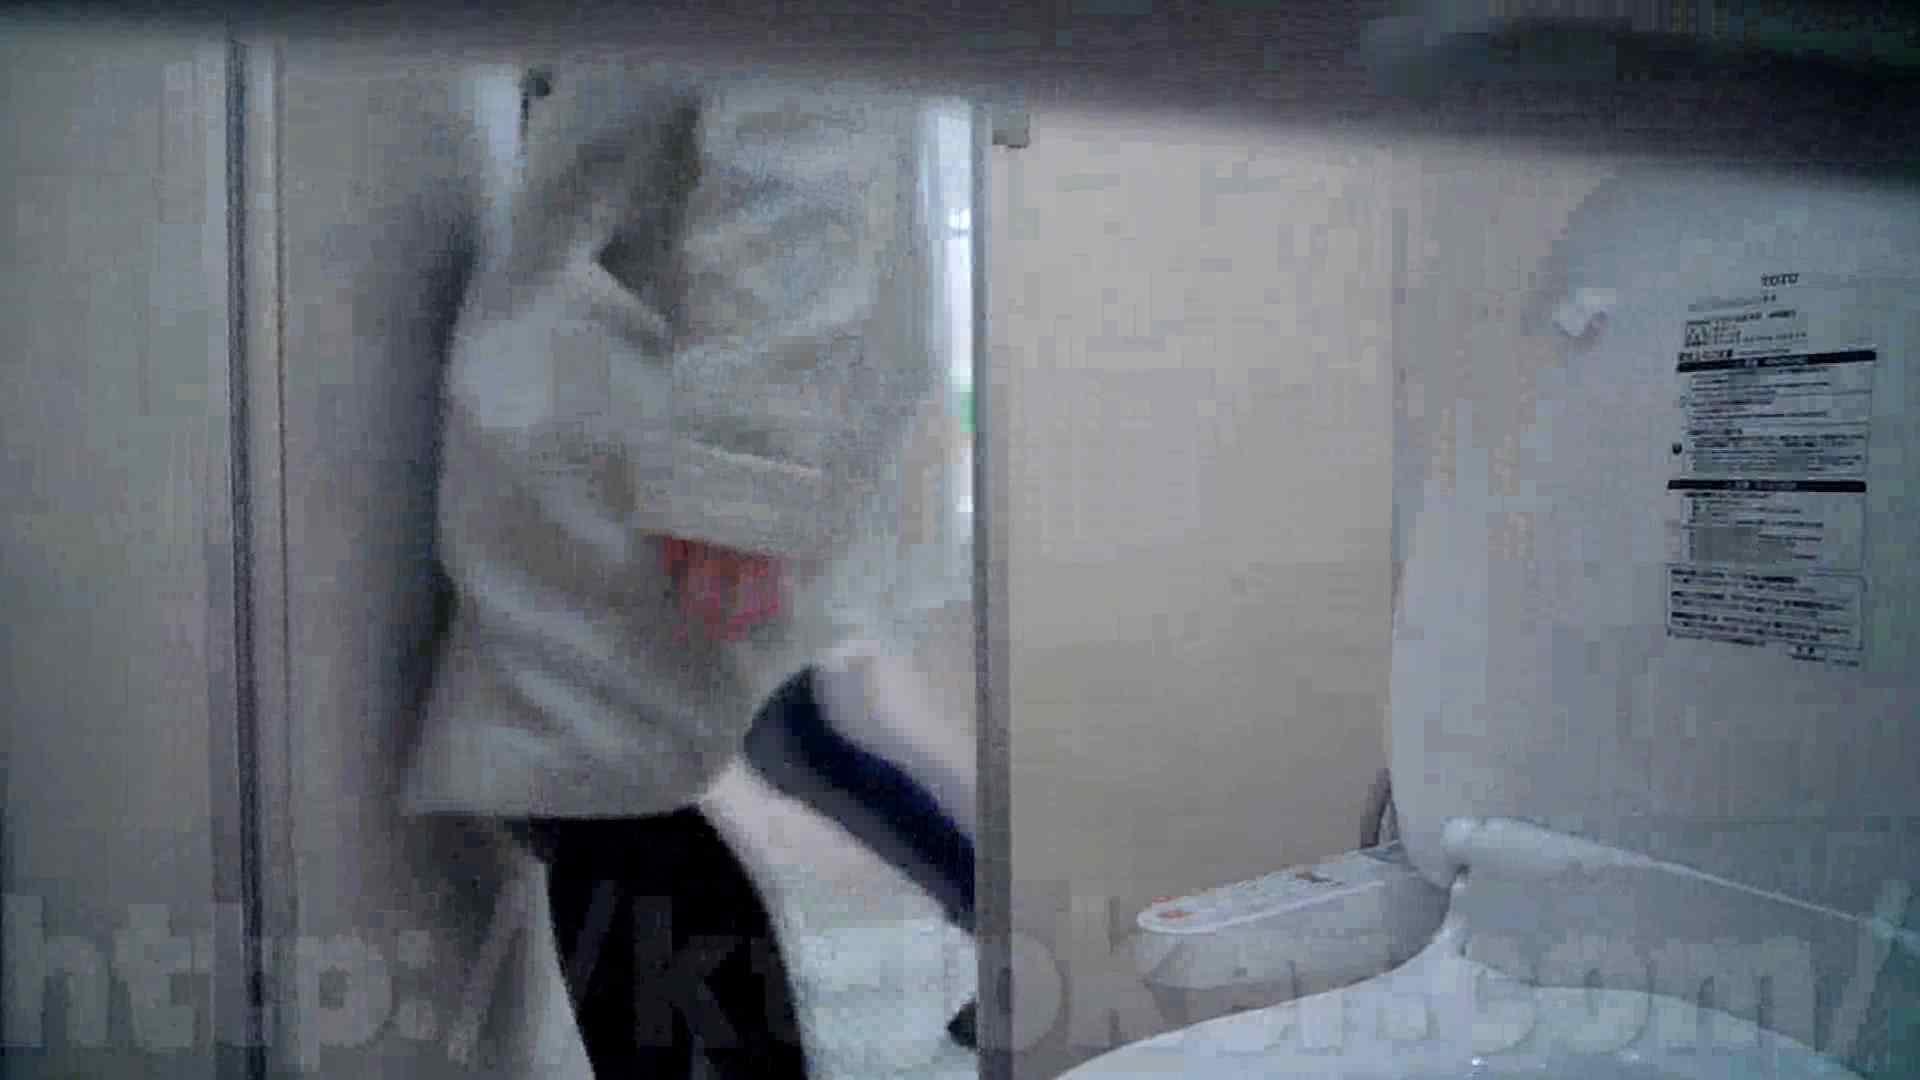 某有名大学女性洗面所 vol.27 人気シリーズ 性交動画流出 106PIX 106